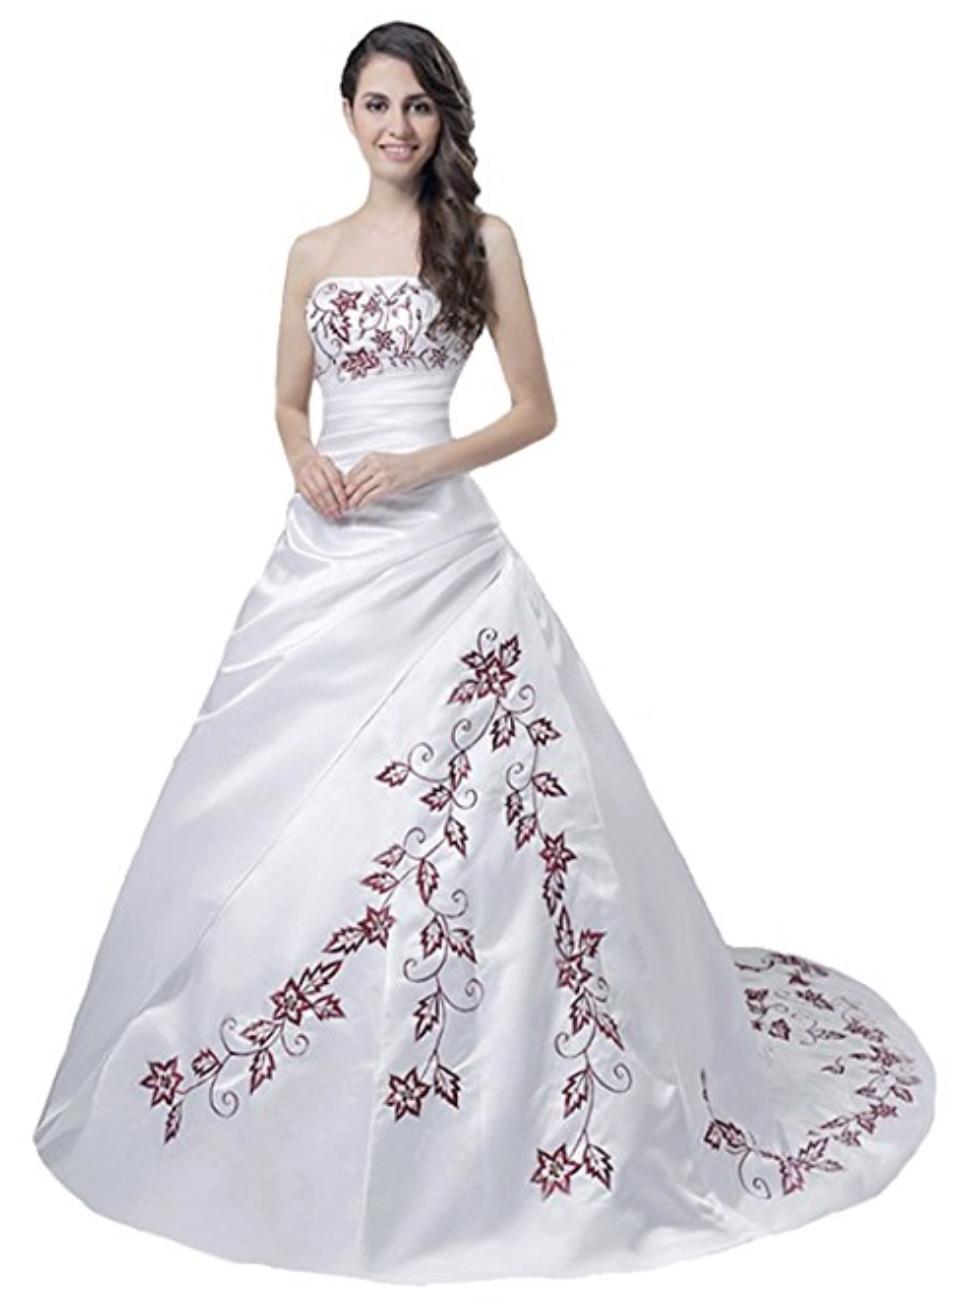 e6abfdd5bb2 Hochzeitskleid Brautkleid Weiß Rot Prinzessin Elegant Edel Wedding Hochzeit  Günstig Sale